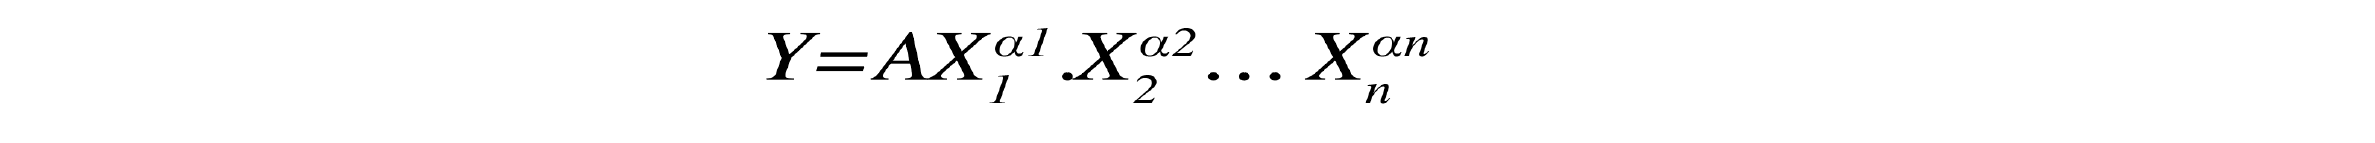 BBVA-OpenMind-Trabajo-Art 1-Formulas--02